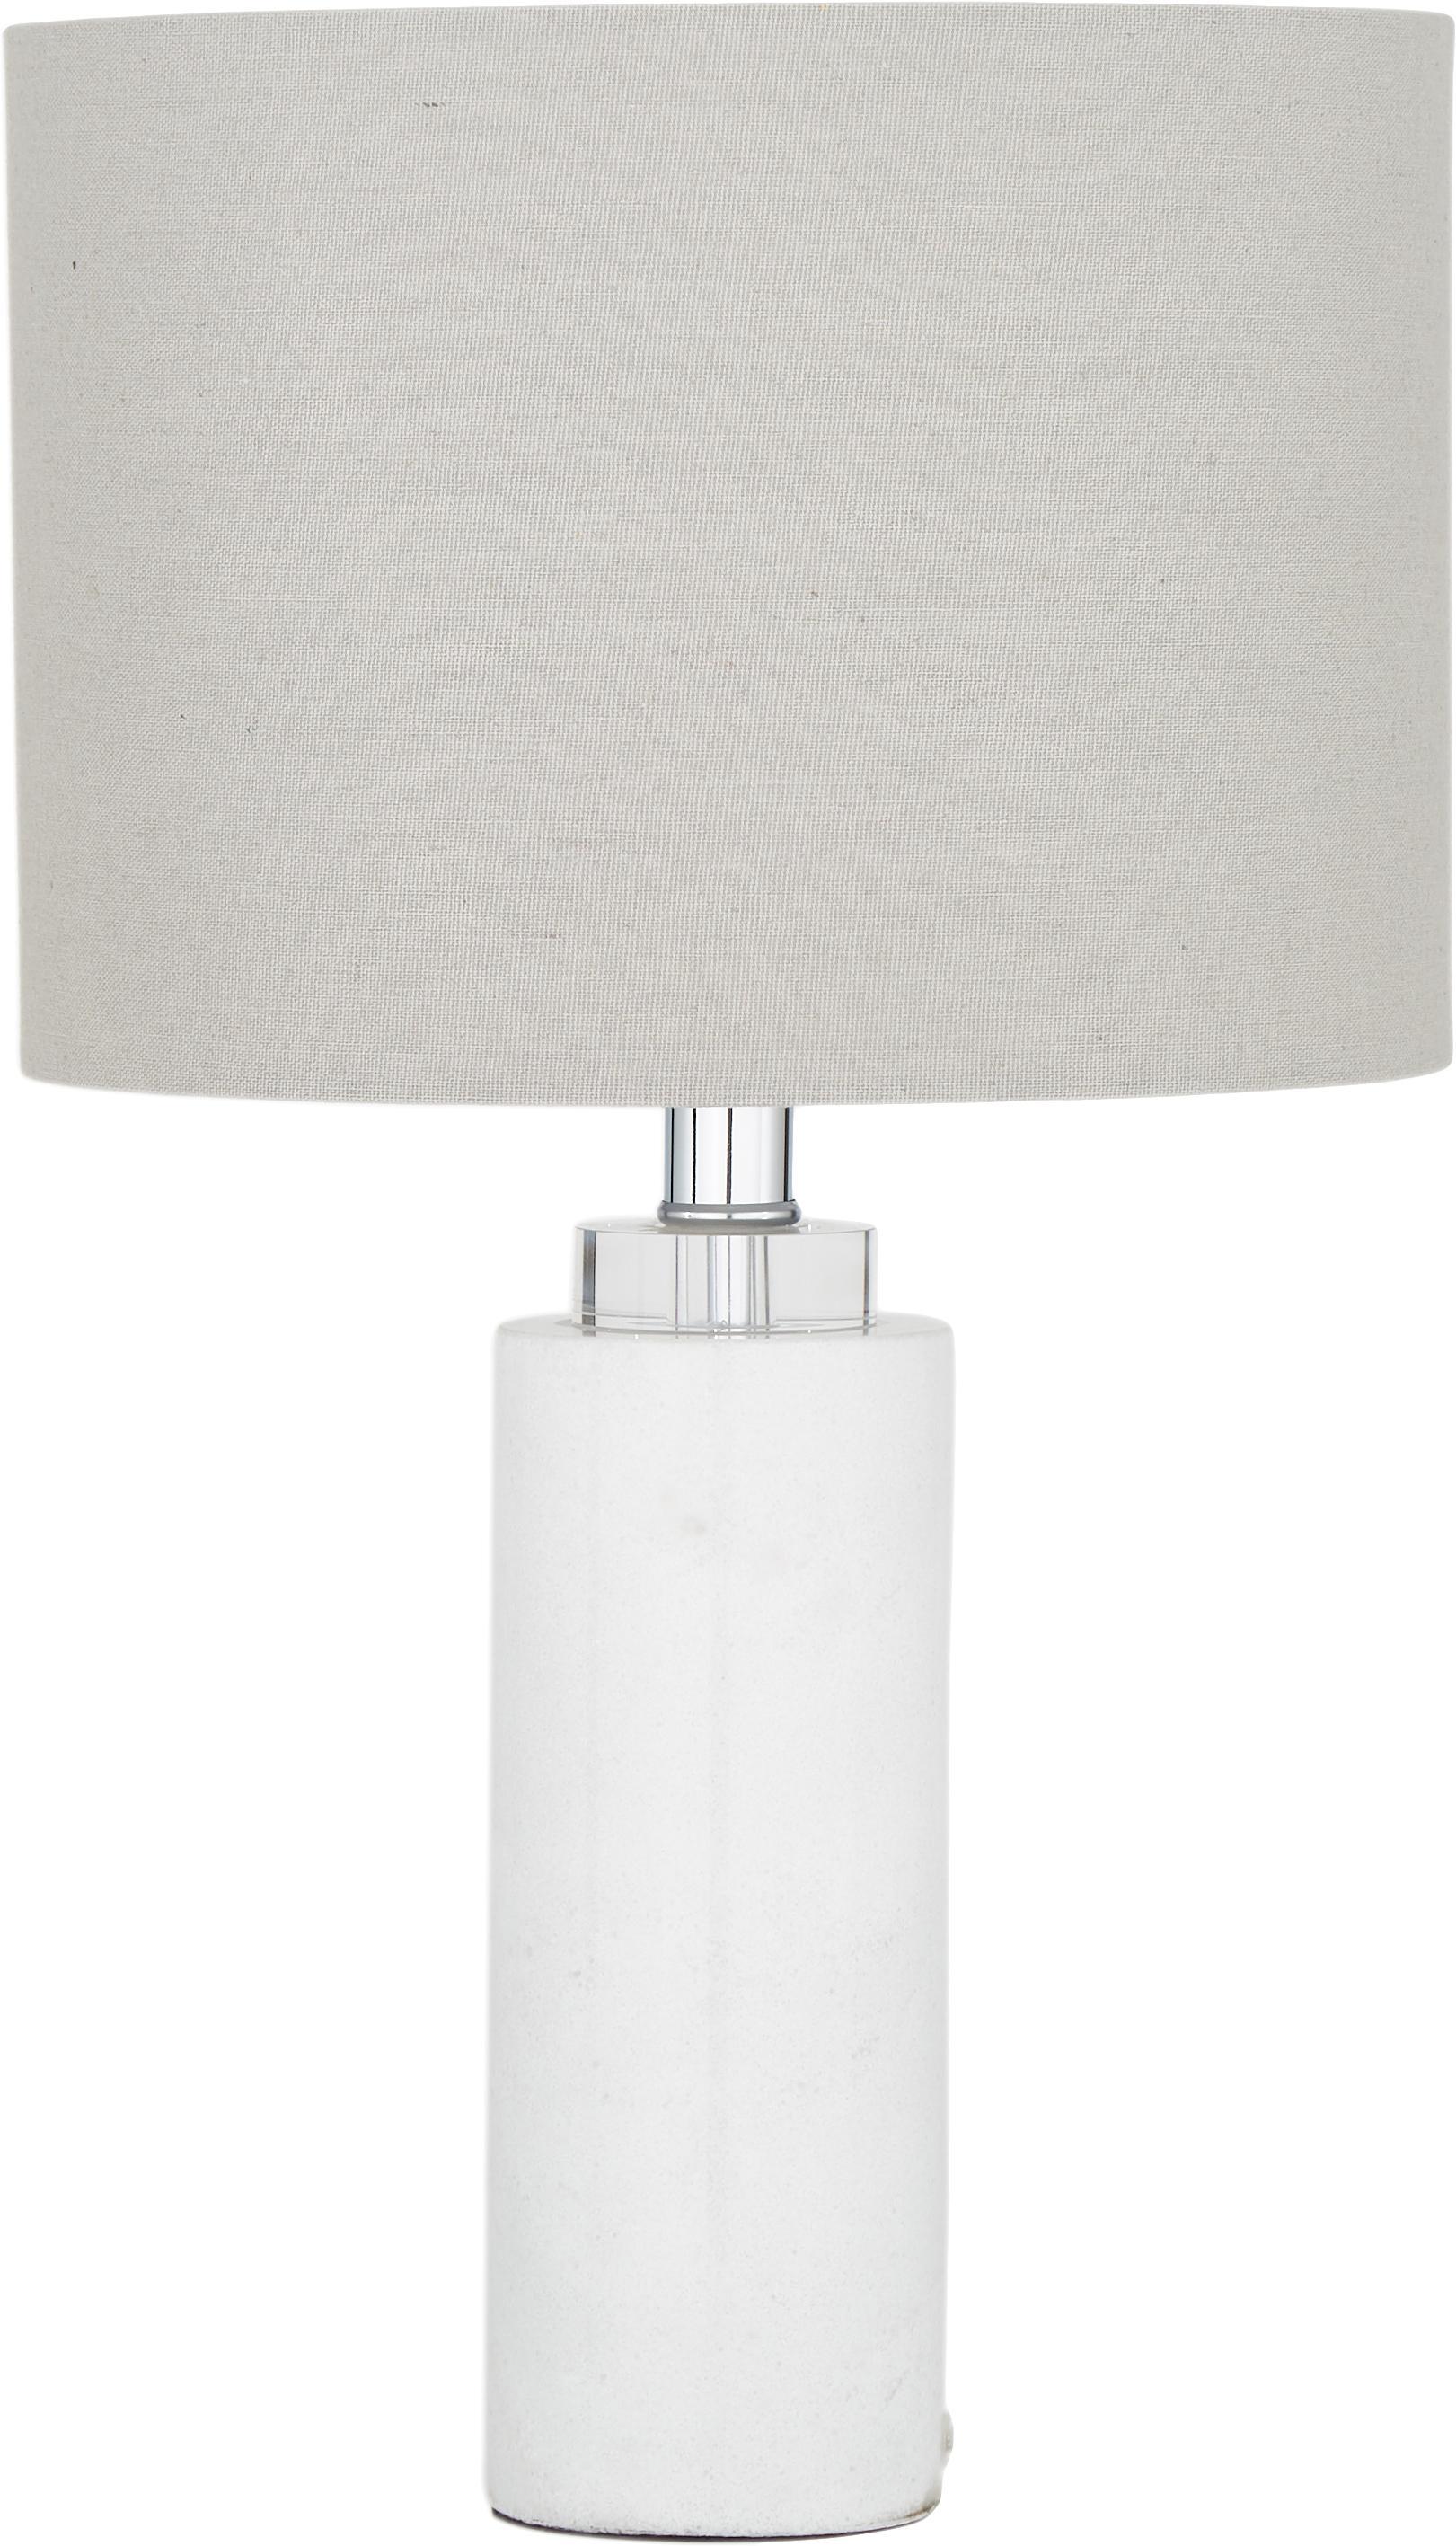 Lámpara de mesa de mármol Amanda, estilo clásico, Pantalla: tela, Cable: plástico, Blanco, Ø 28 x Al 48 cm